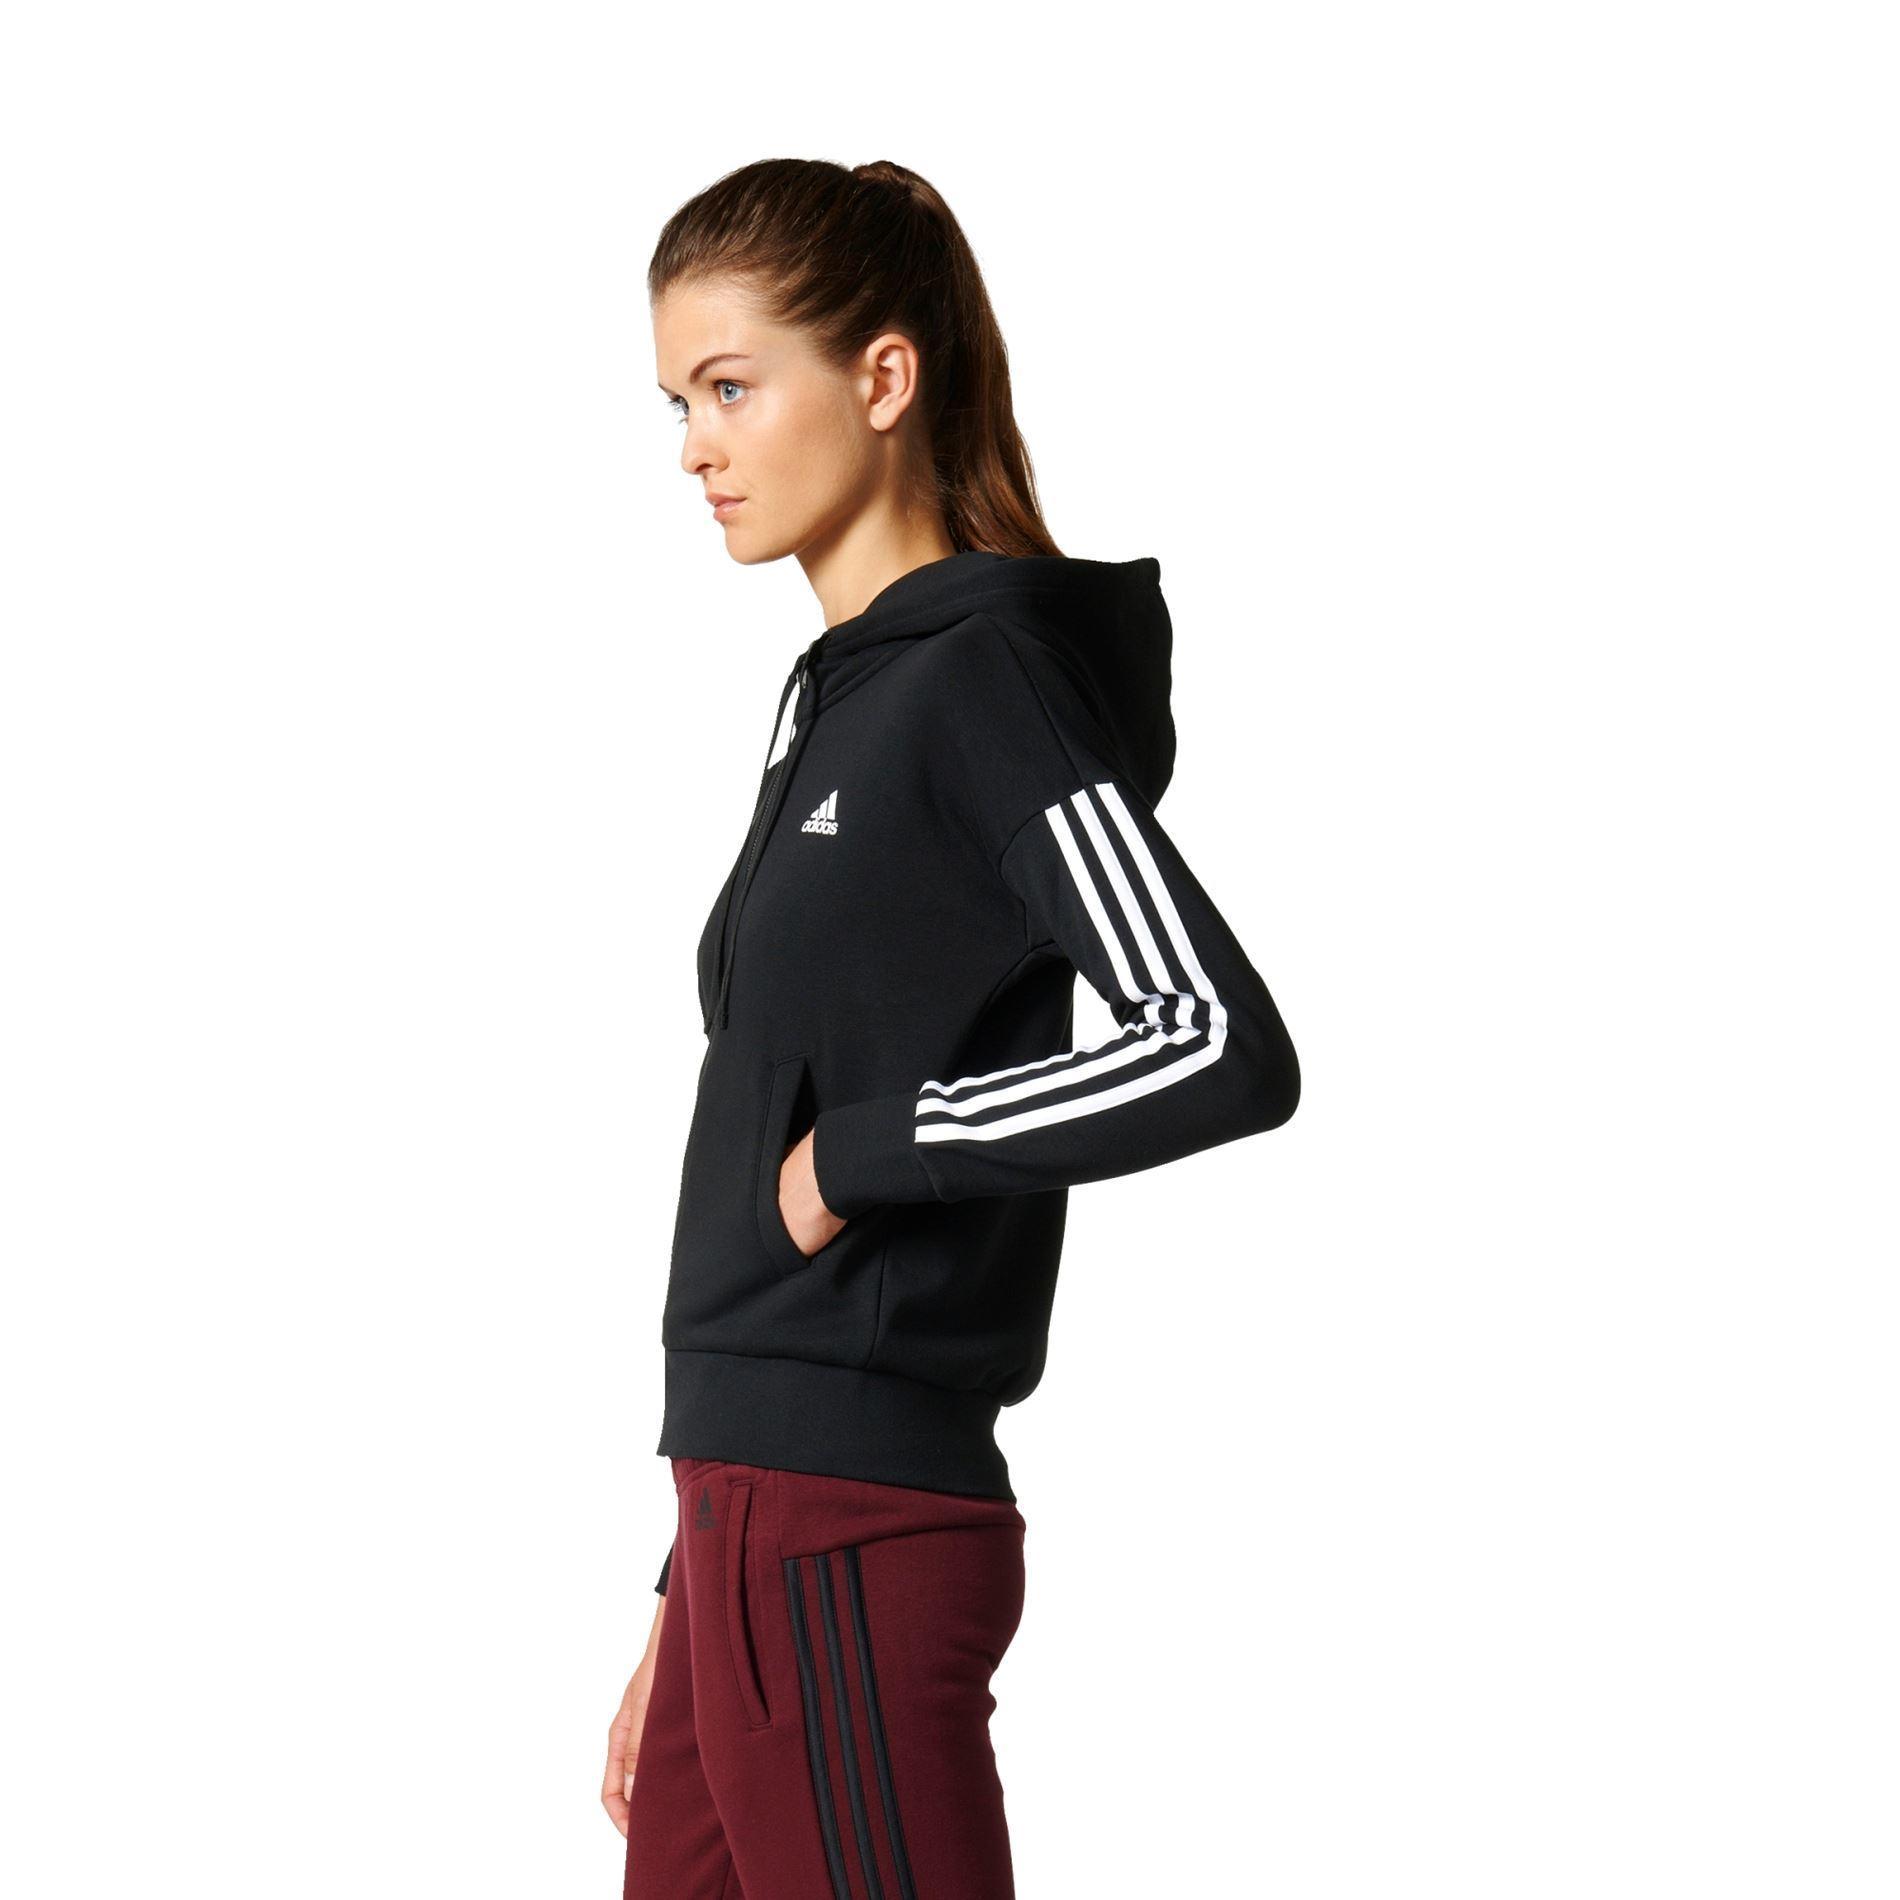 cd9bdba6a18 Adidas Essential 3S Hettejakke Dame Byåsen Håndball- Fotballsko.no ...